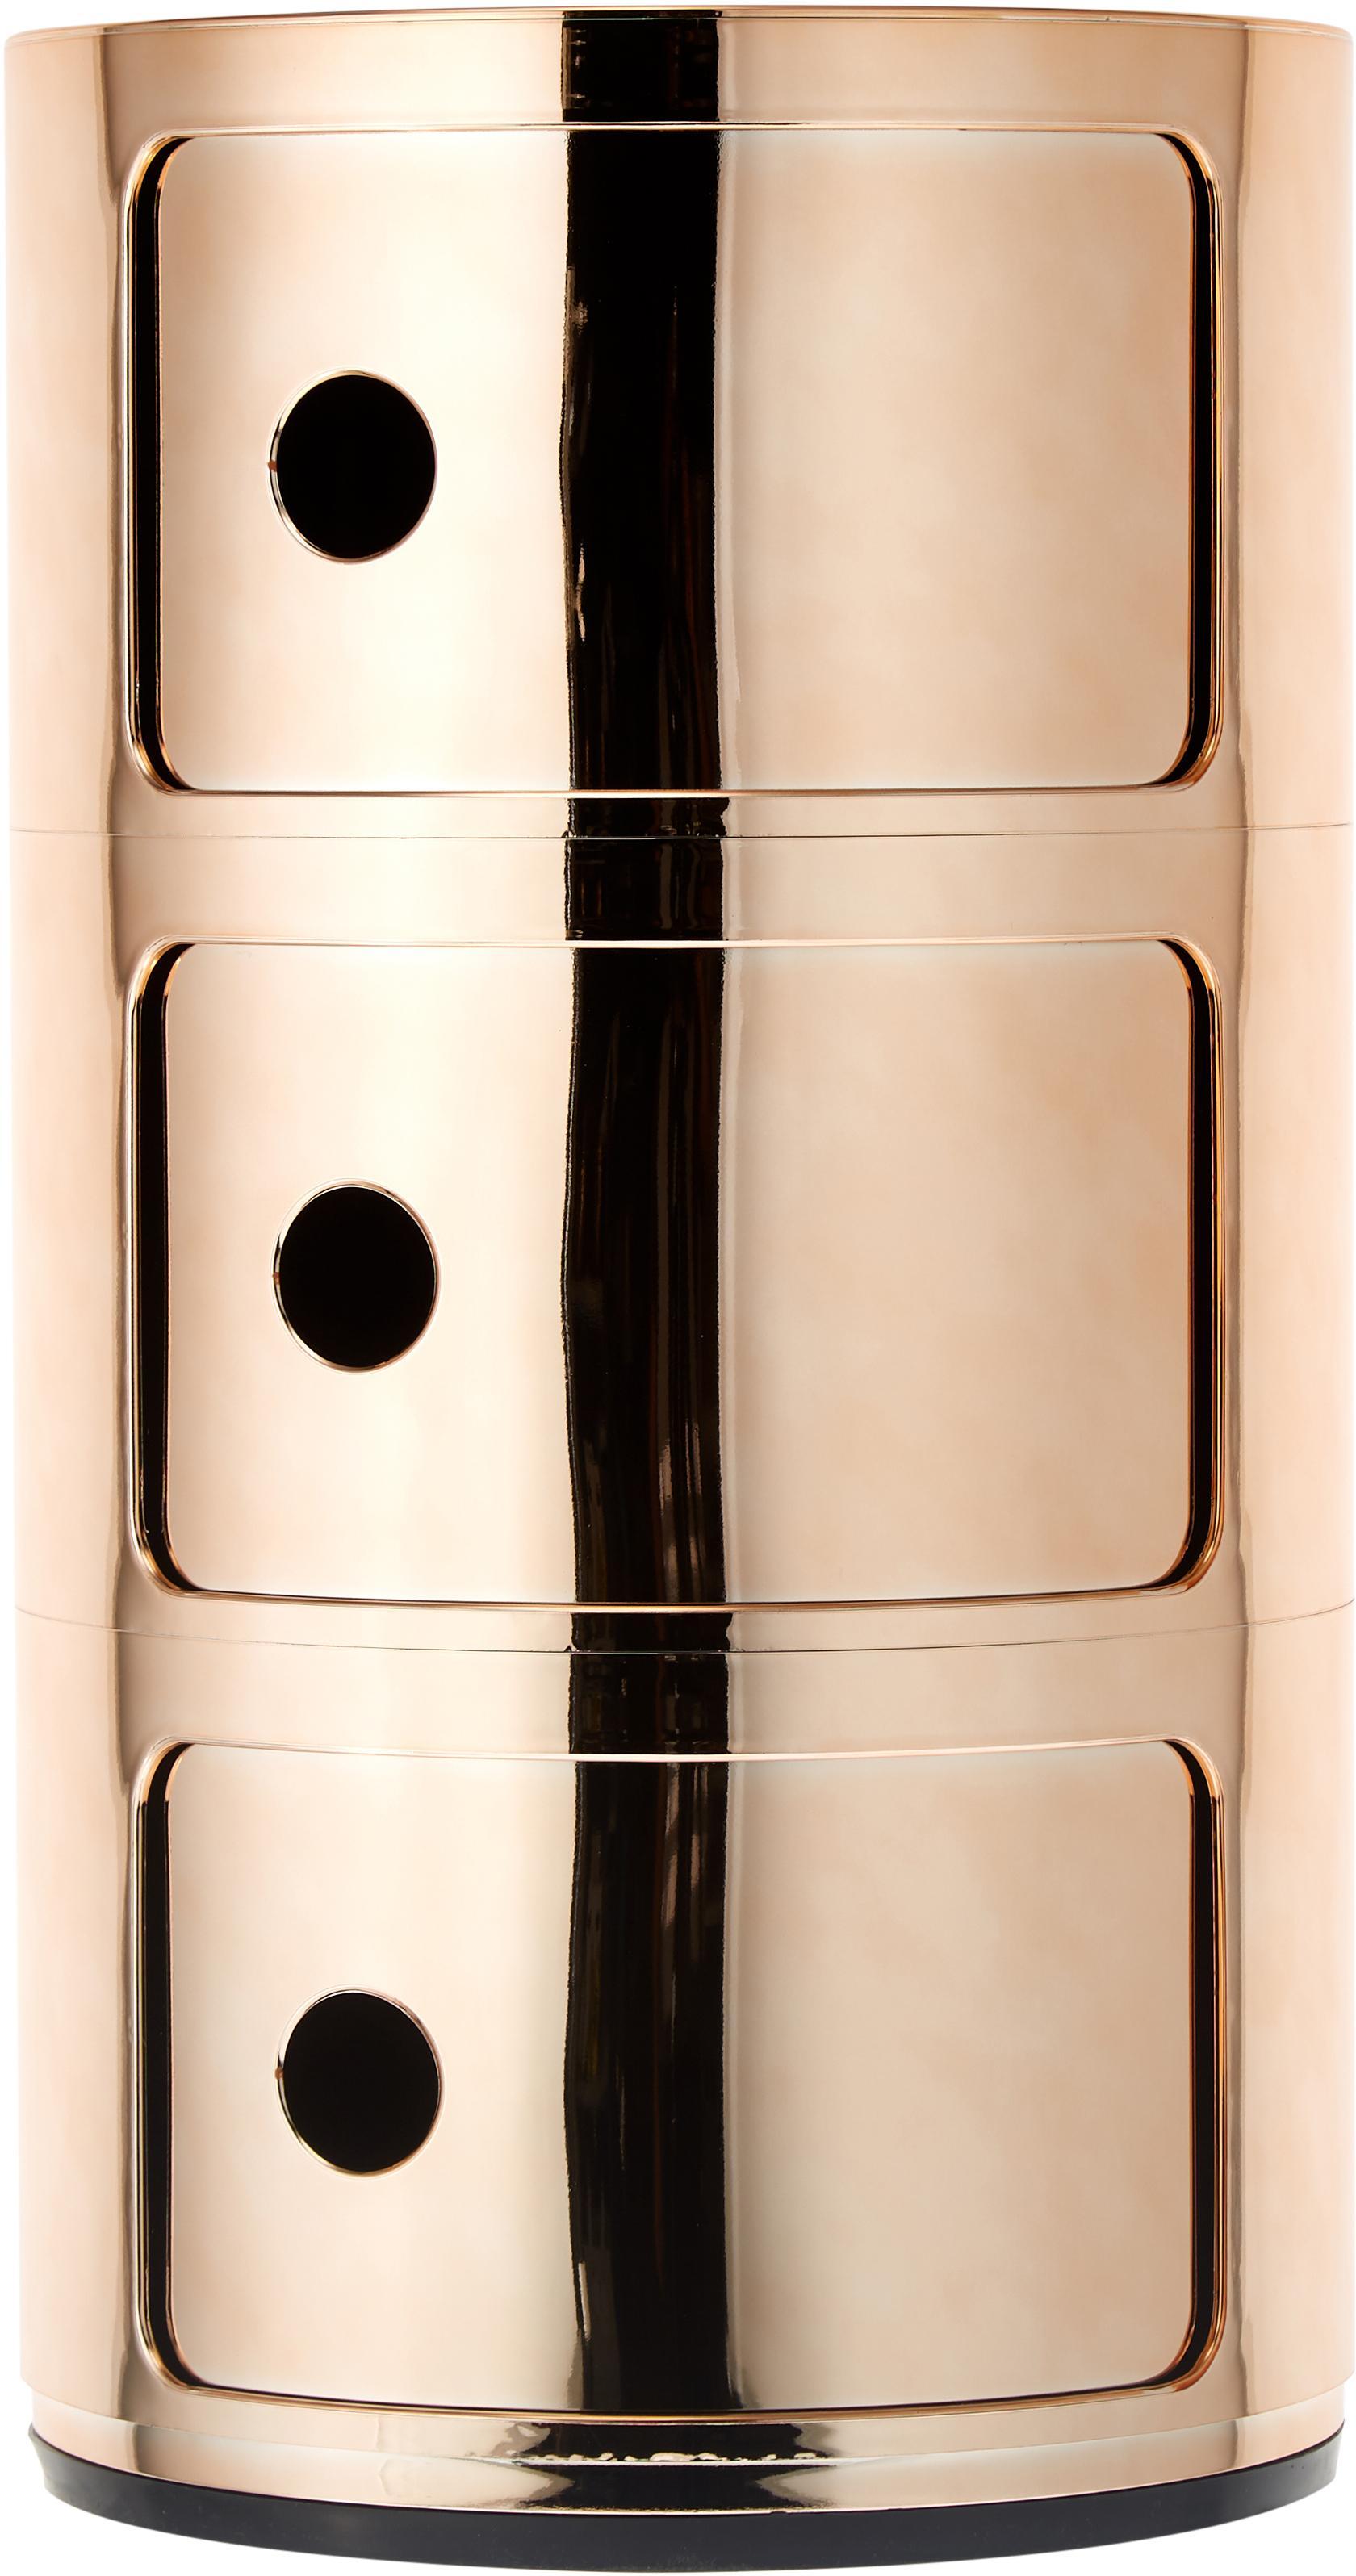 Bijzettafel Componibile, Metallic gecoat kunststof, Koperkleurig, Ø 32 x H 59 cm